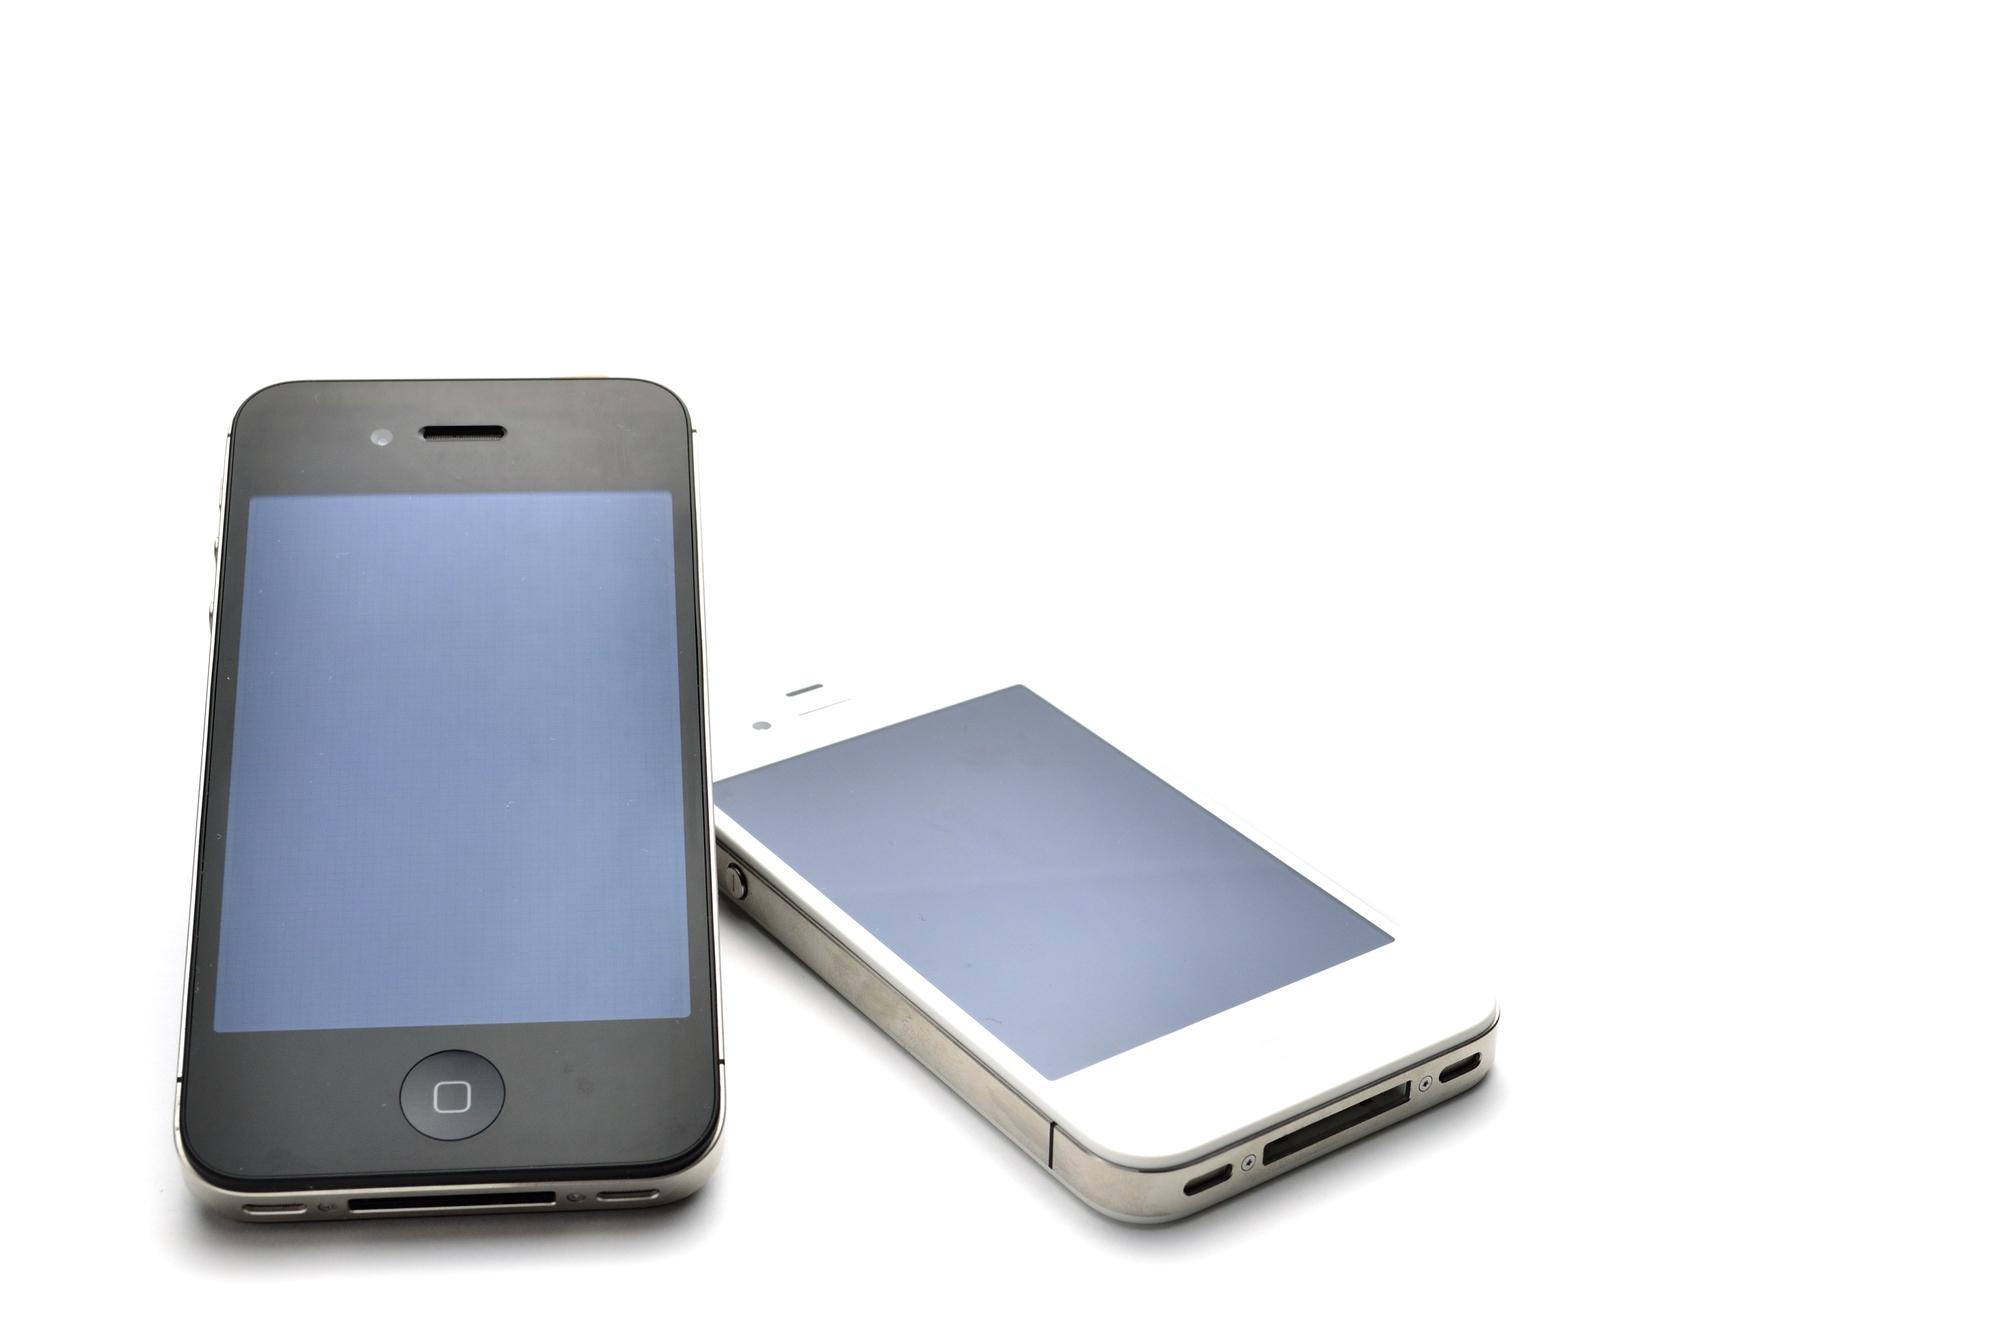 た iphone sim され 方法 ロック 解除 SIMロック解除のお手続き|契約内容の確認・変更|サポート|Y!mobile